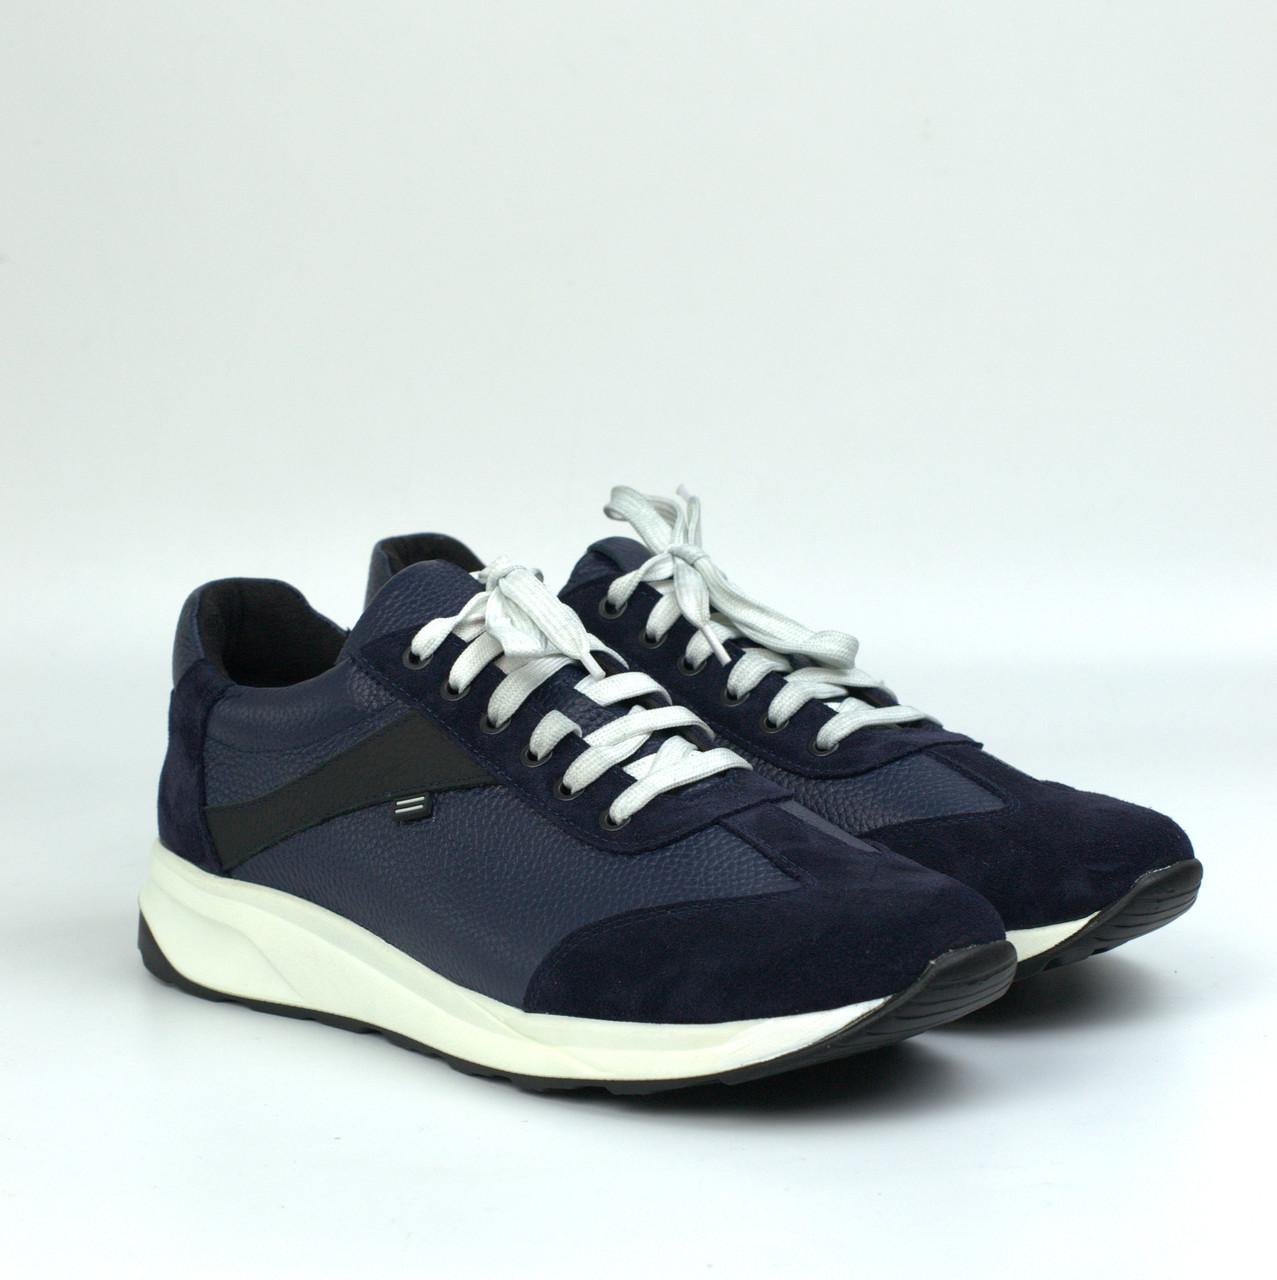 Кроссовки мужские сникерсы повседневные кожаные синие нубук вставки обувь весна Rosso Avangard DolGa Blu Floto